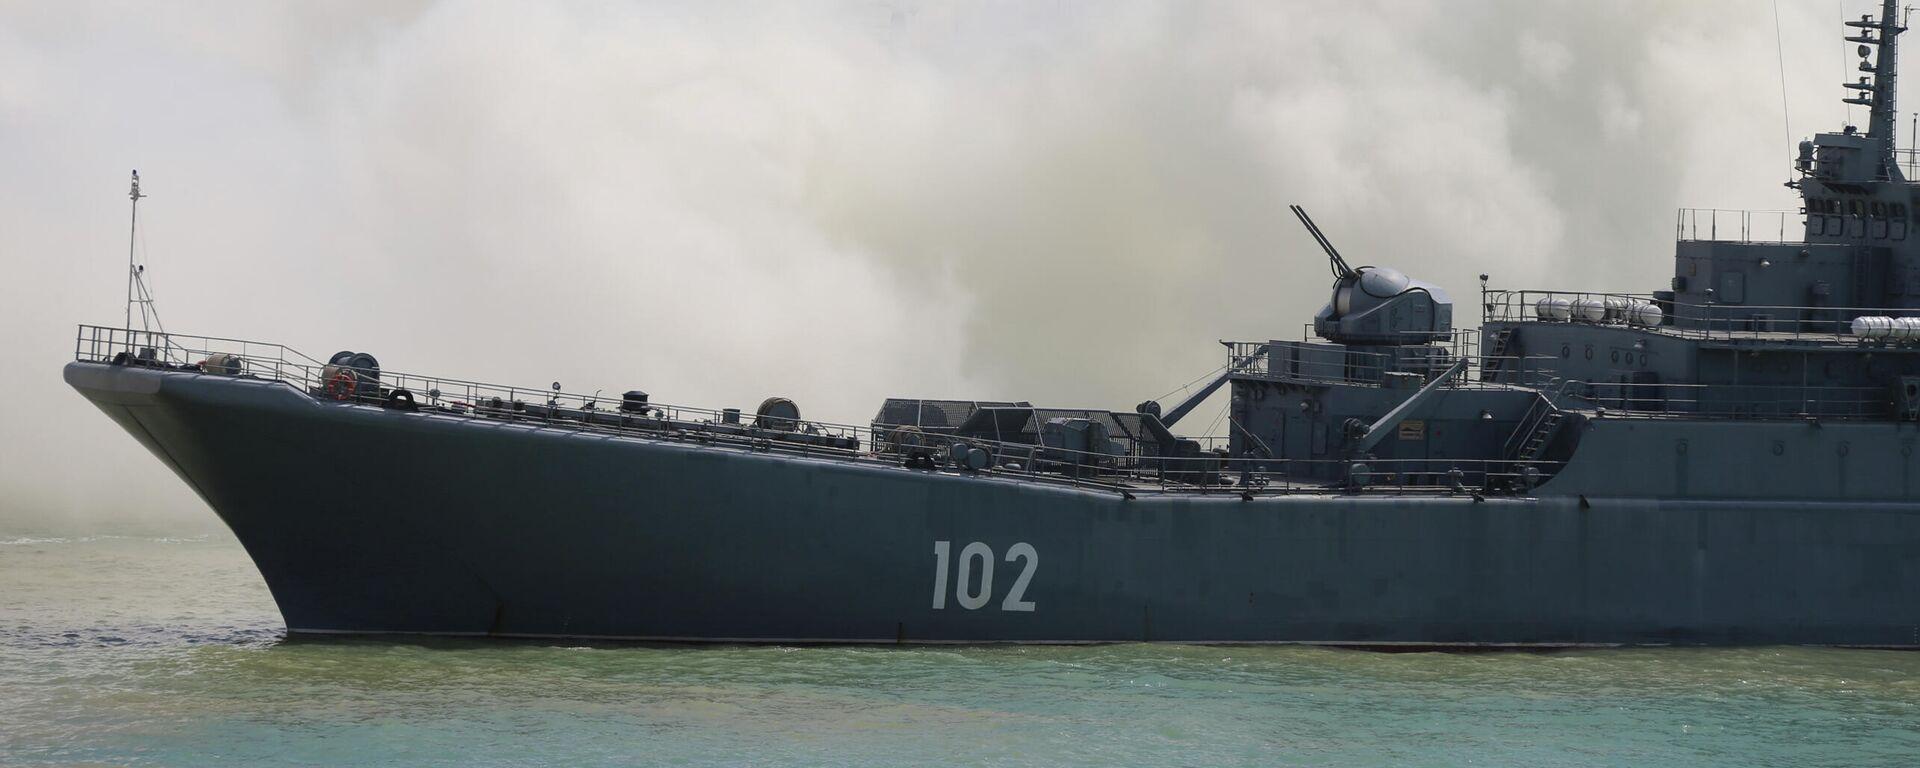 Ρωσικό Ναυτικό στη Μαύρη Θάλασσα - Sputnik Ελλάδα, 1920, 27.09.2021